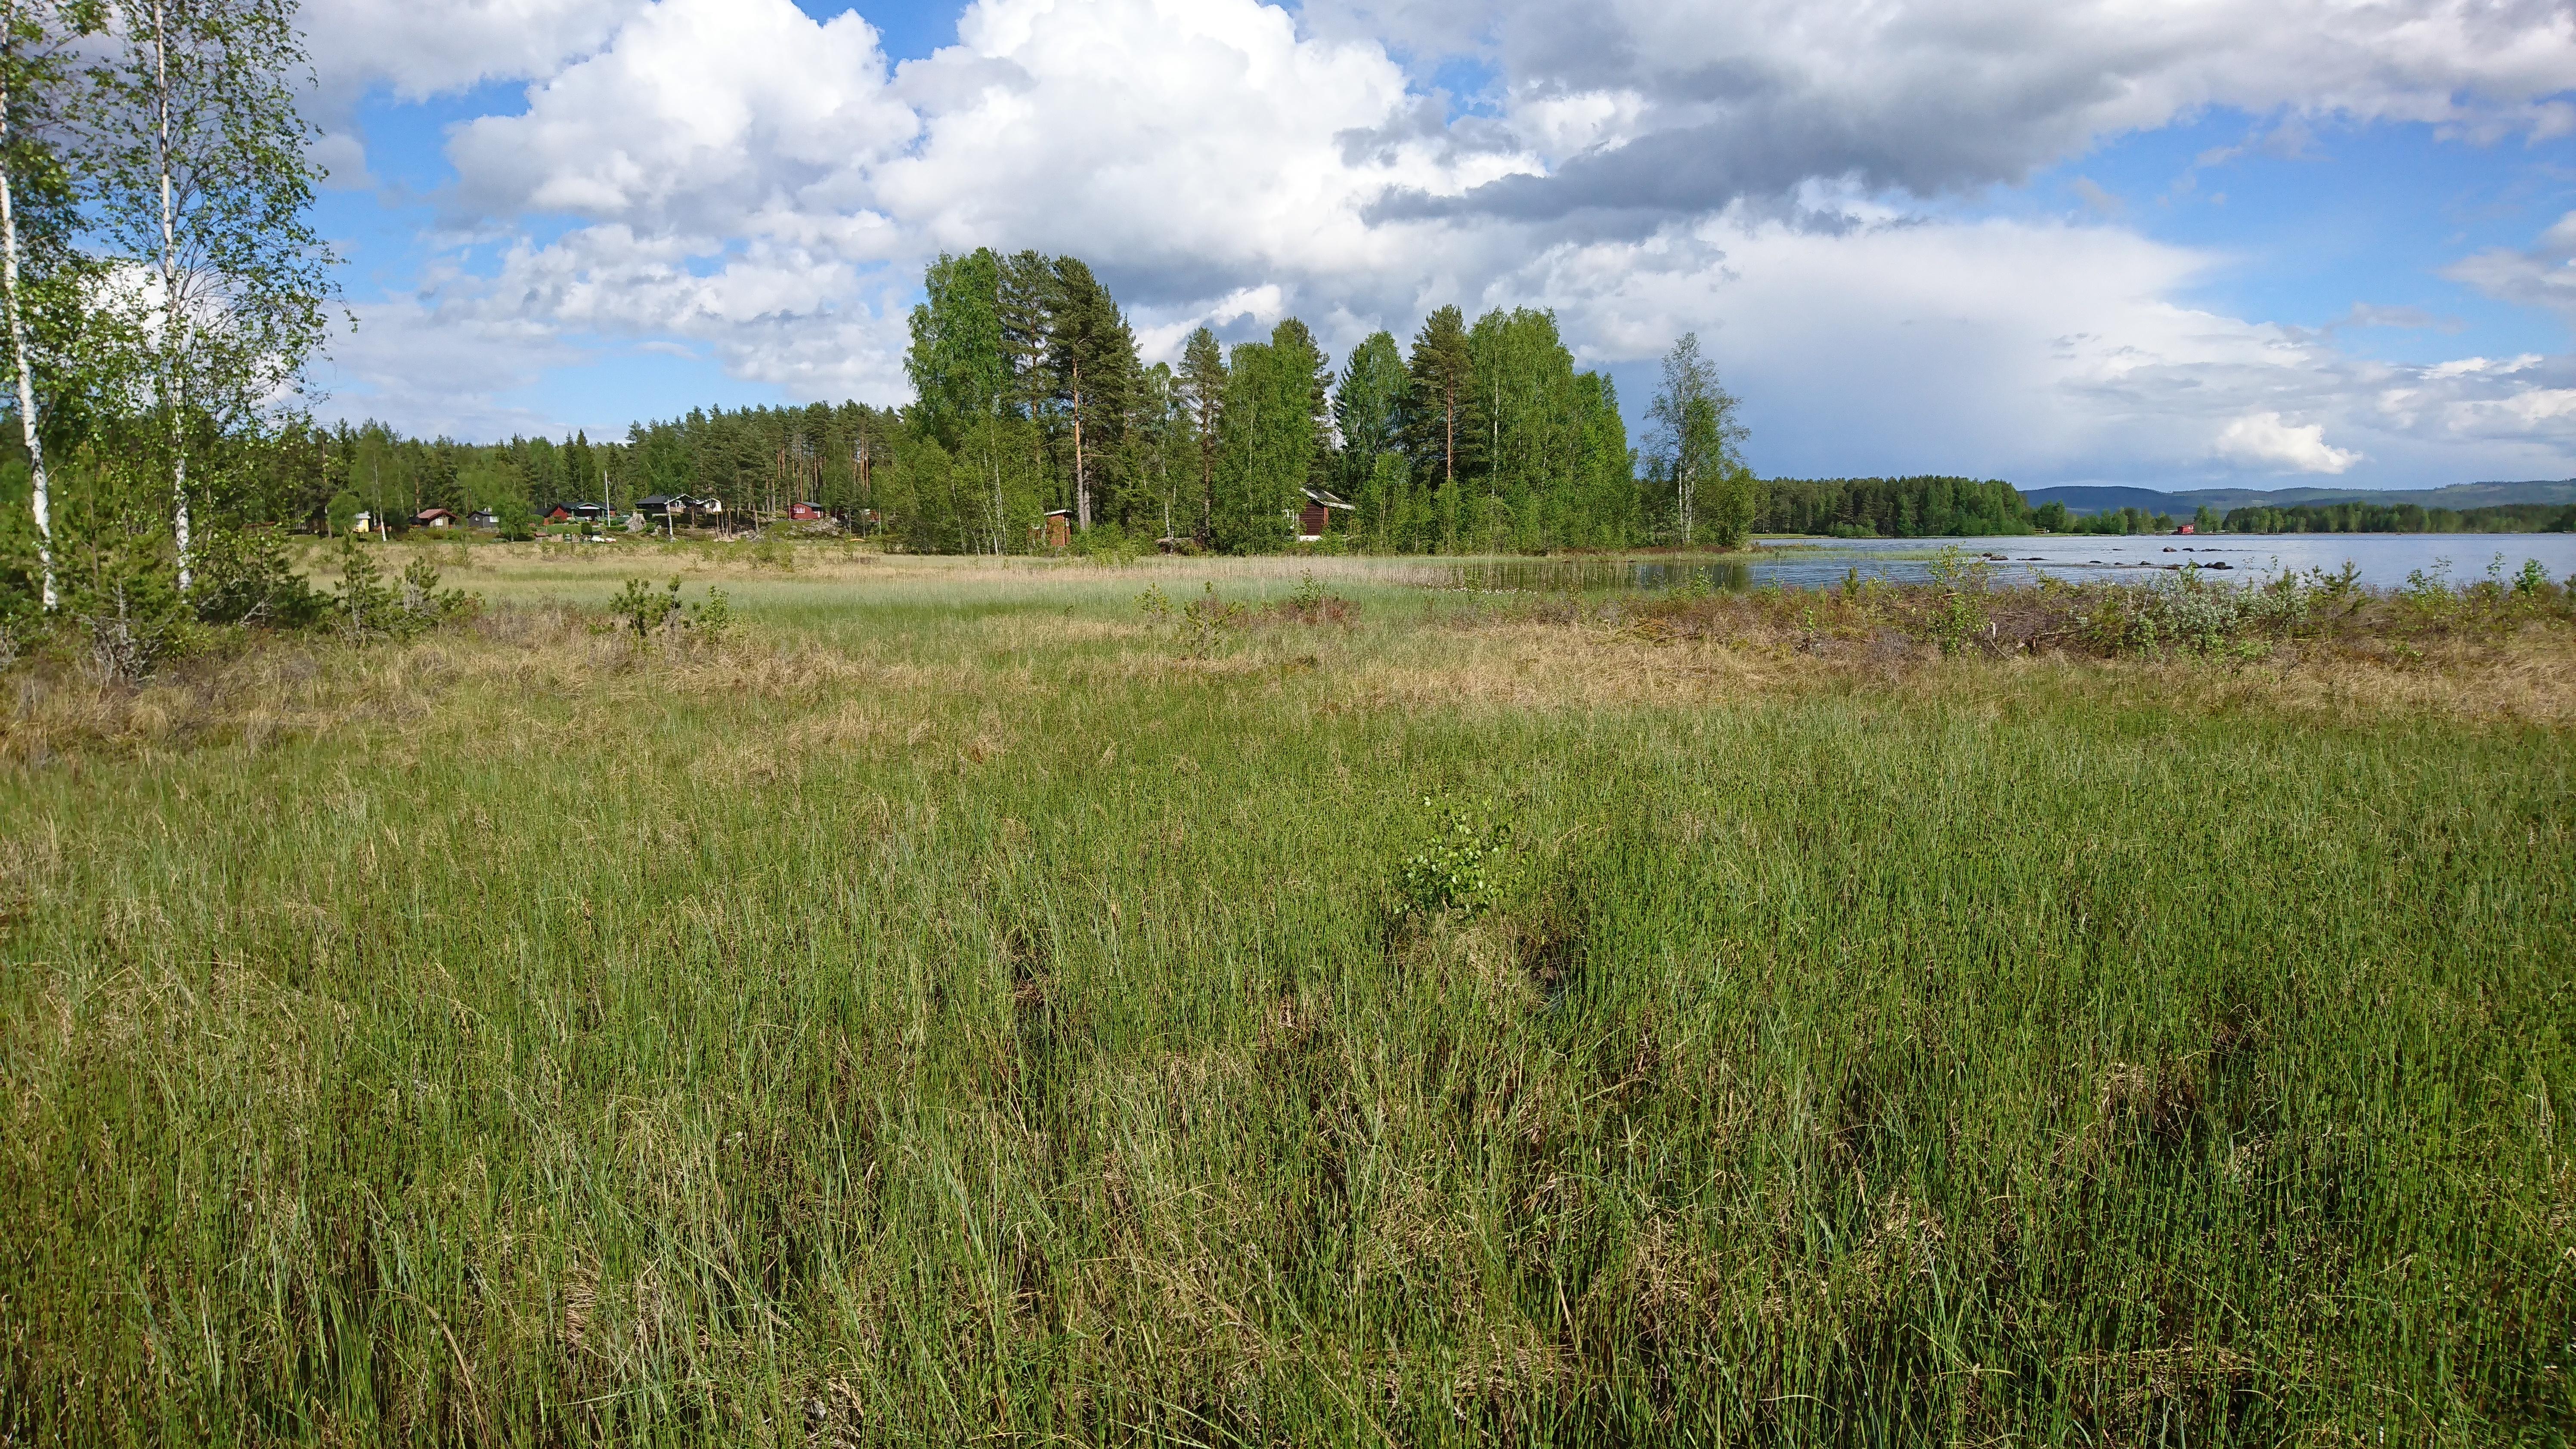 Rikmyra Sandåker i Løten kommune, der Linn jakta etter arter 5. juni (foto: L.K. Hagenlund)